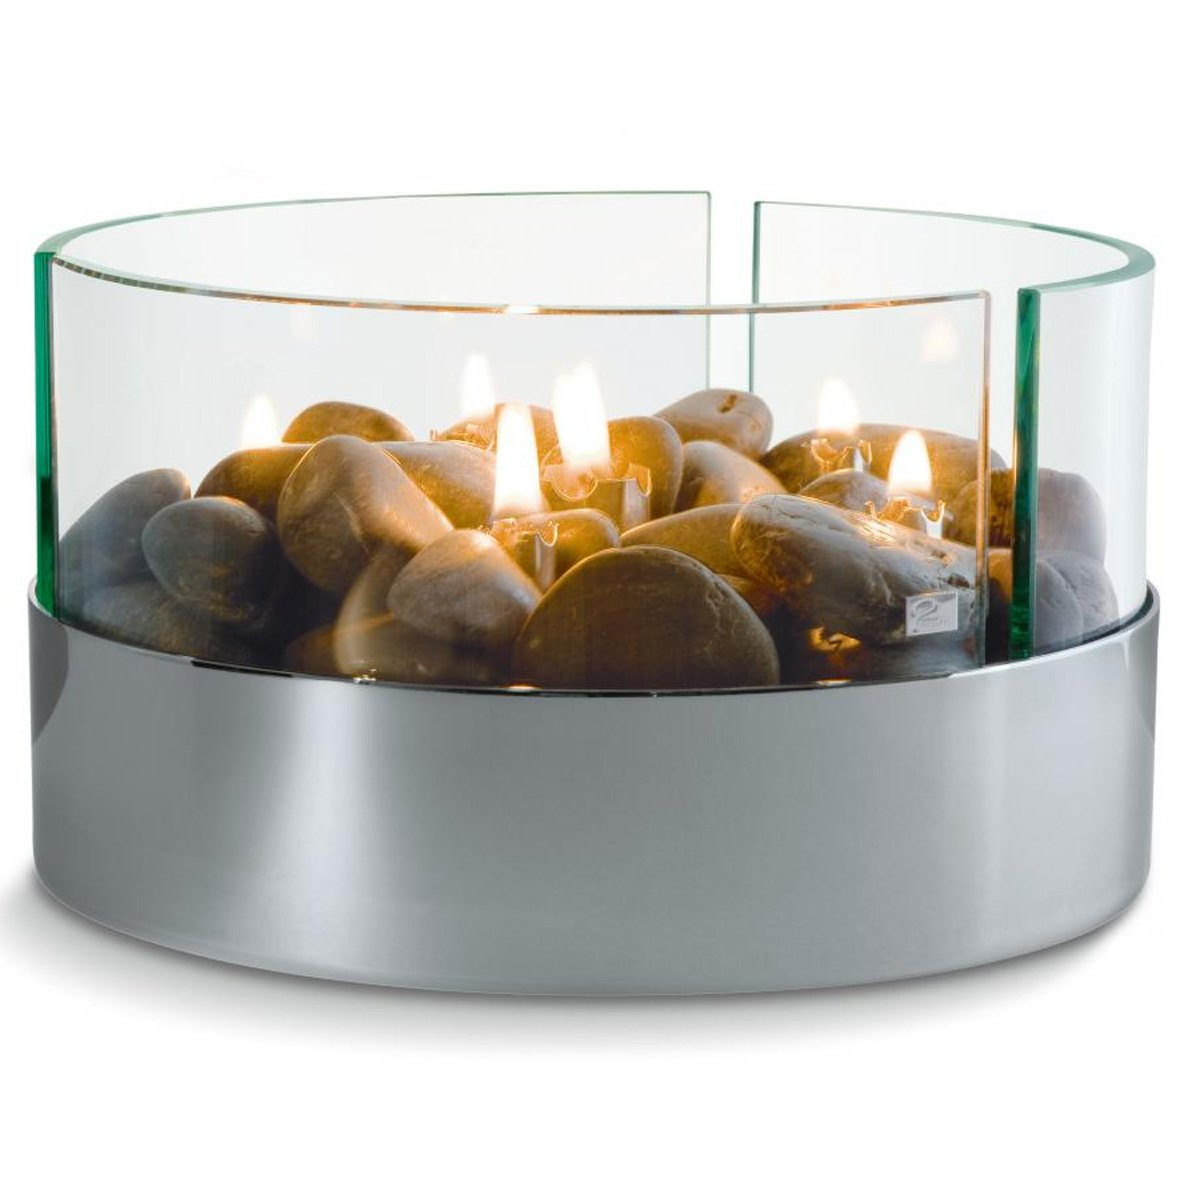 Philippi 123072 Burn Tischkamin rund Aluminium und Glas Maße: 20 x 20 x 13 cm